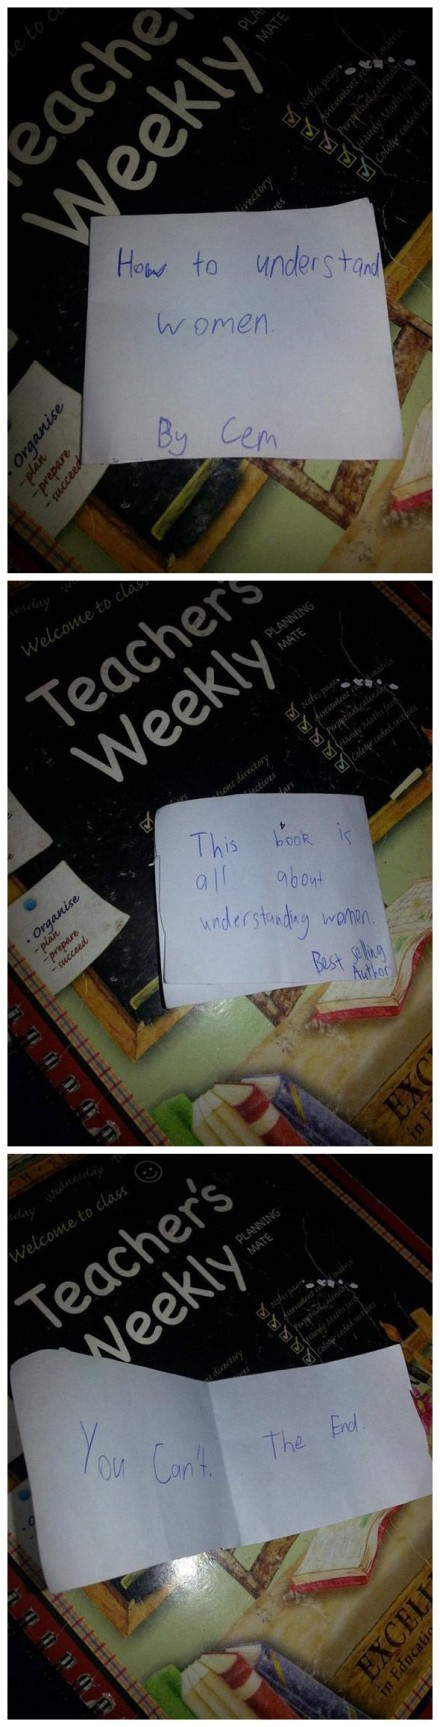 一个12岁男孩的书《如何理解女人》,绝壁是天才啊!详尽而又深入。